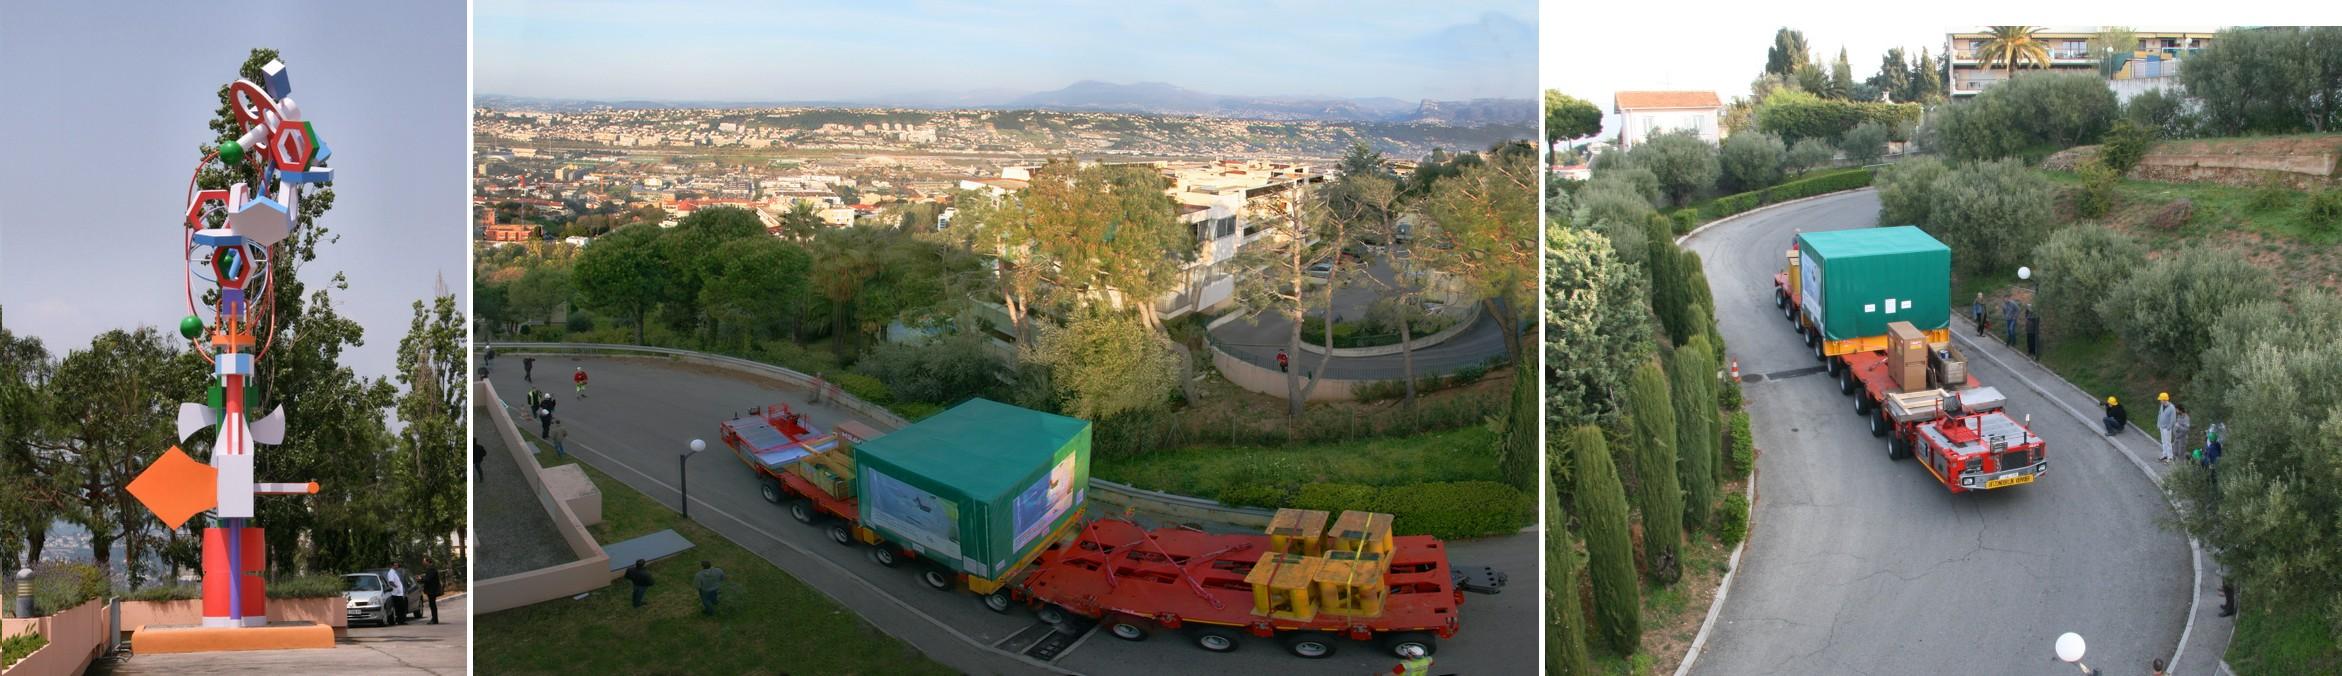 CAL equipments arrival 04/14